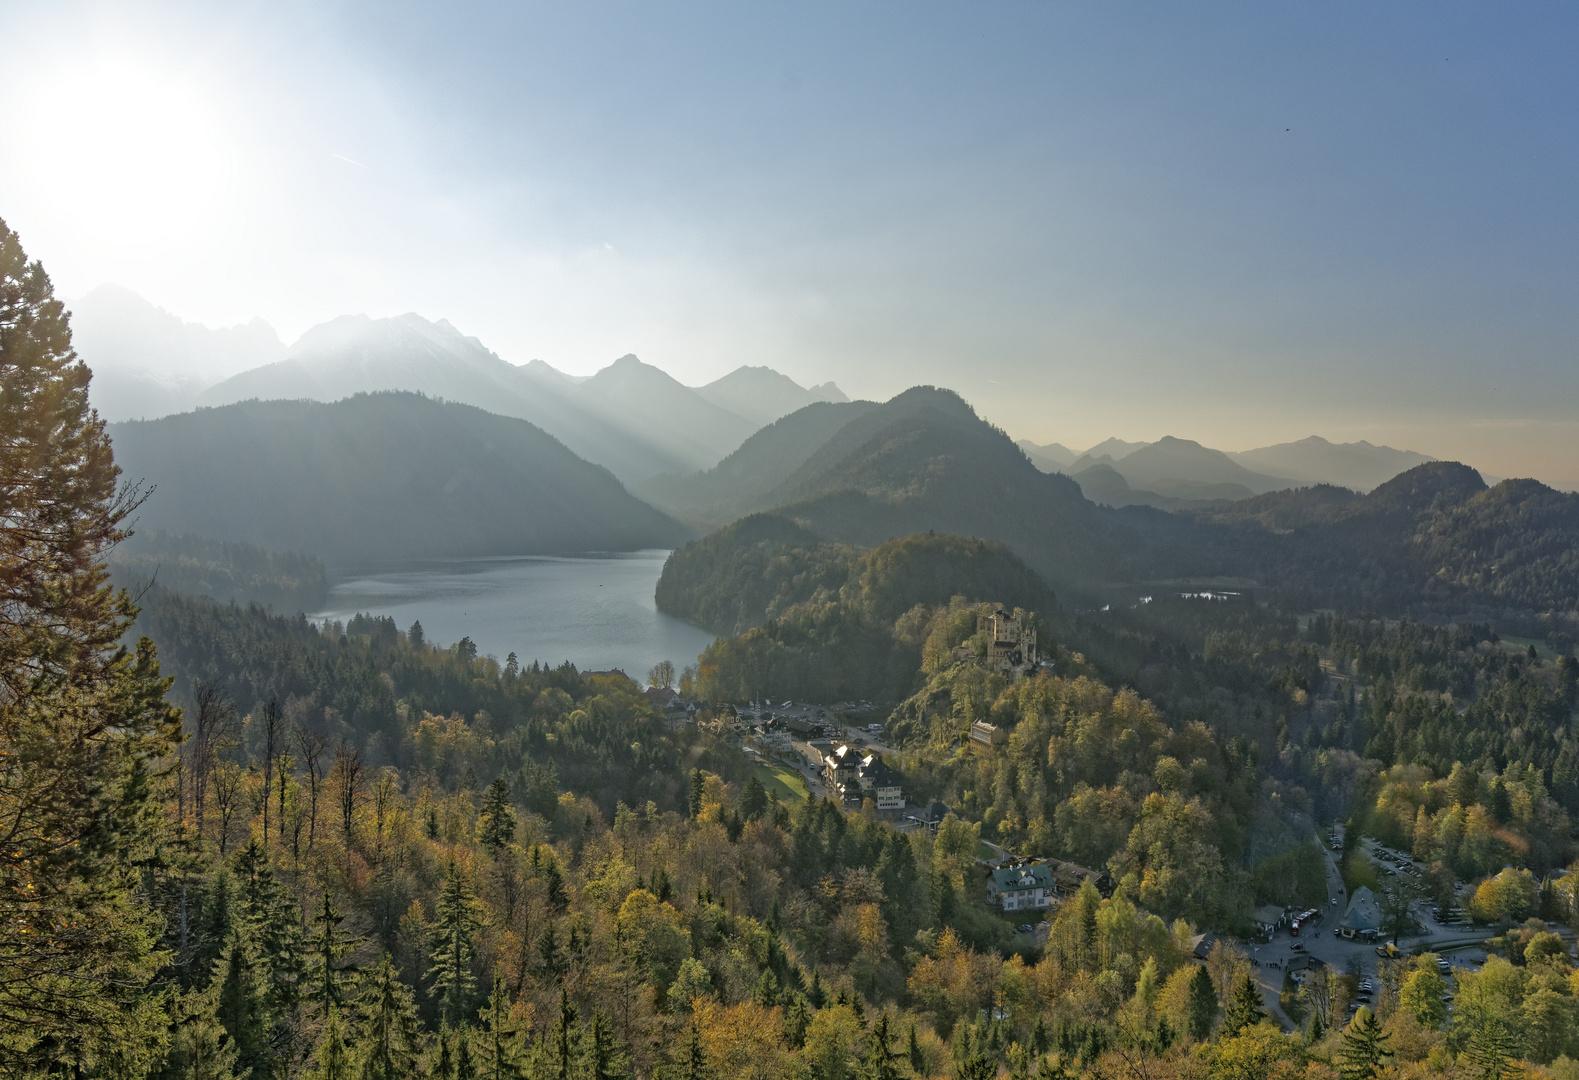 Blick auf Schloss Hohenschwangau, Alpsee und Berge